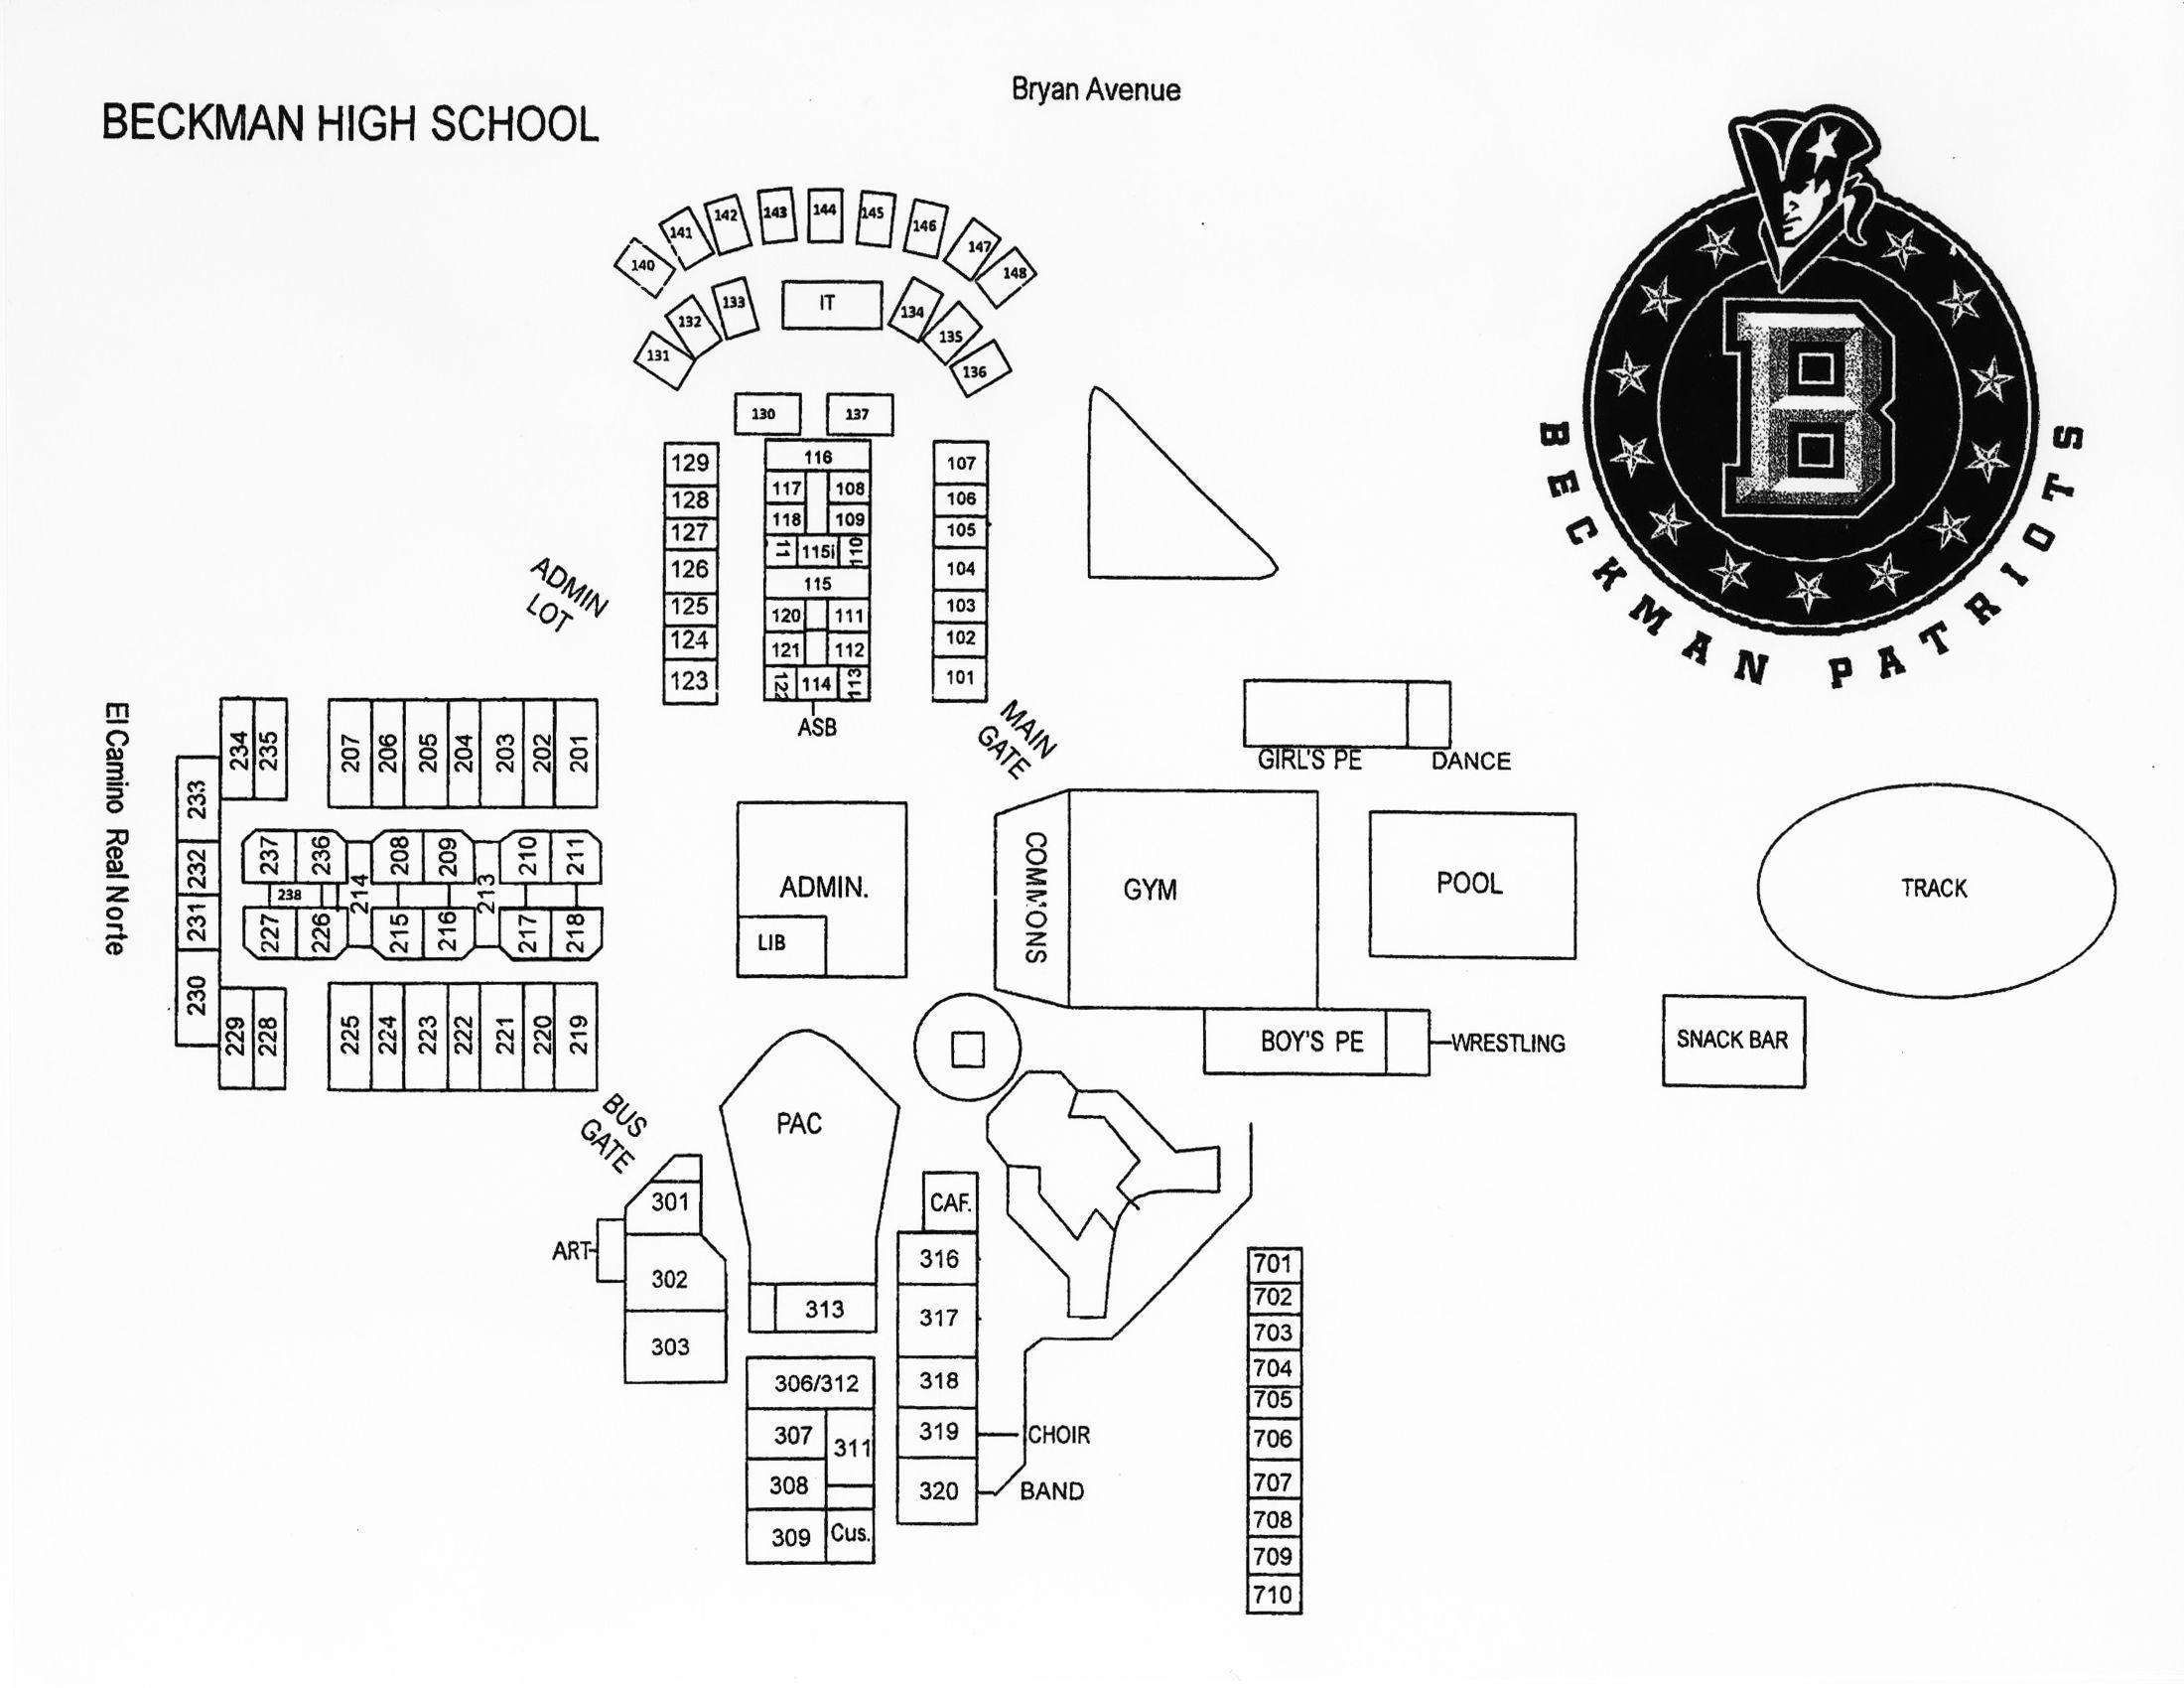 Beckman High School Map